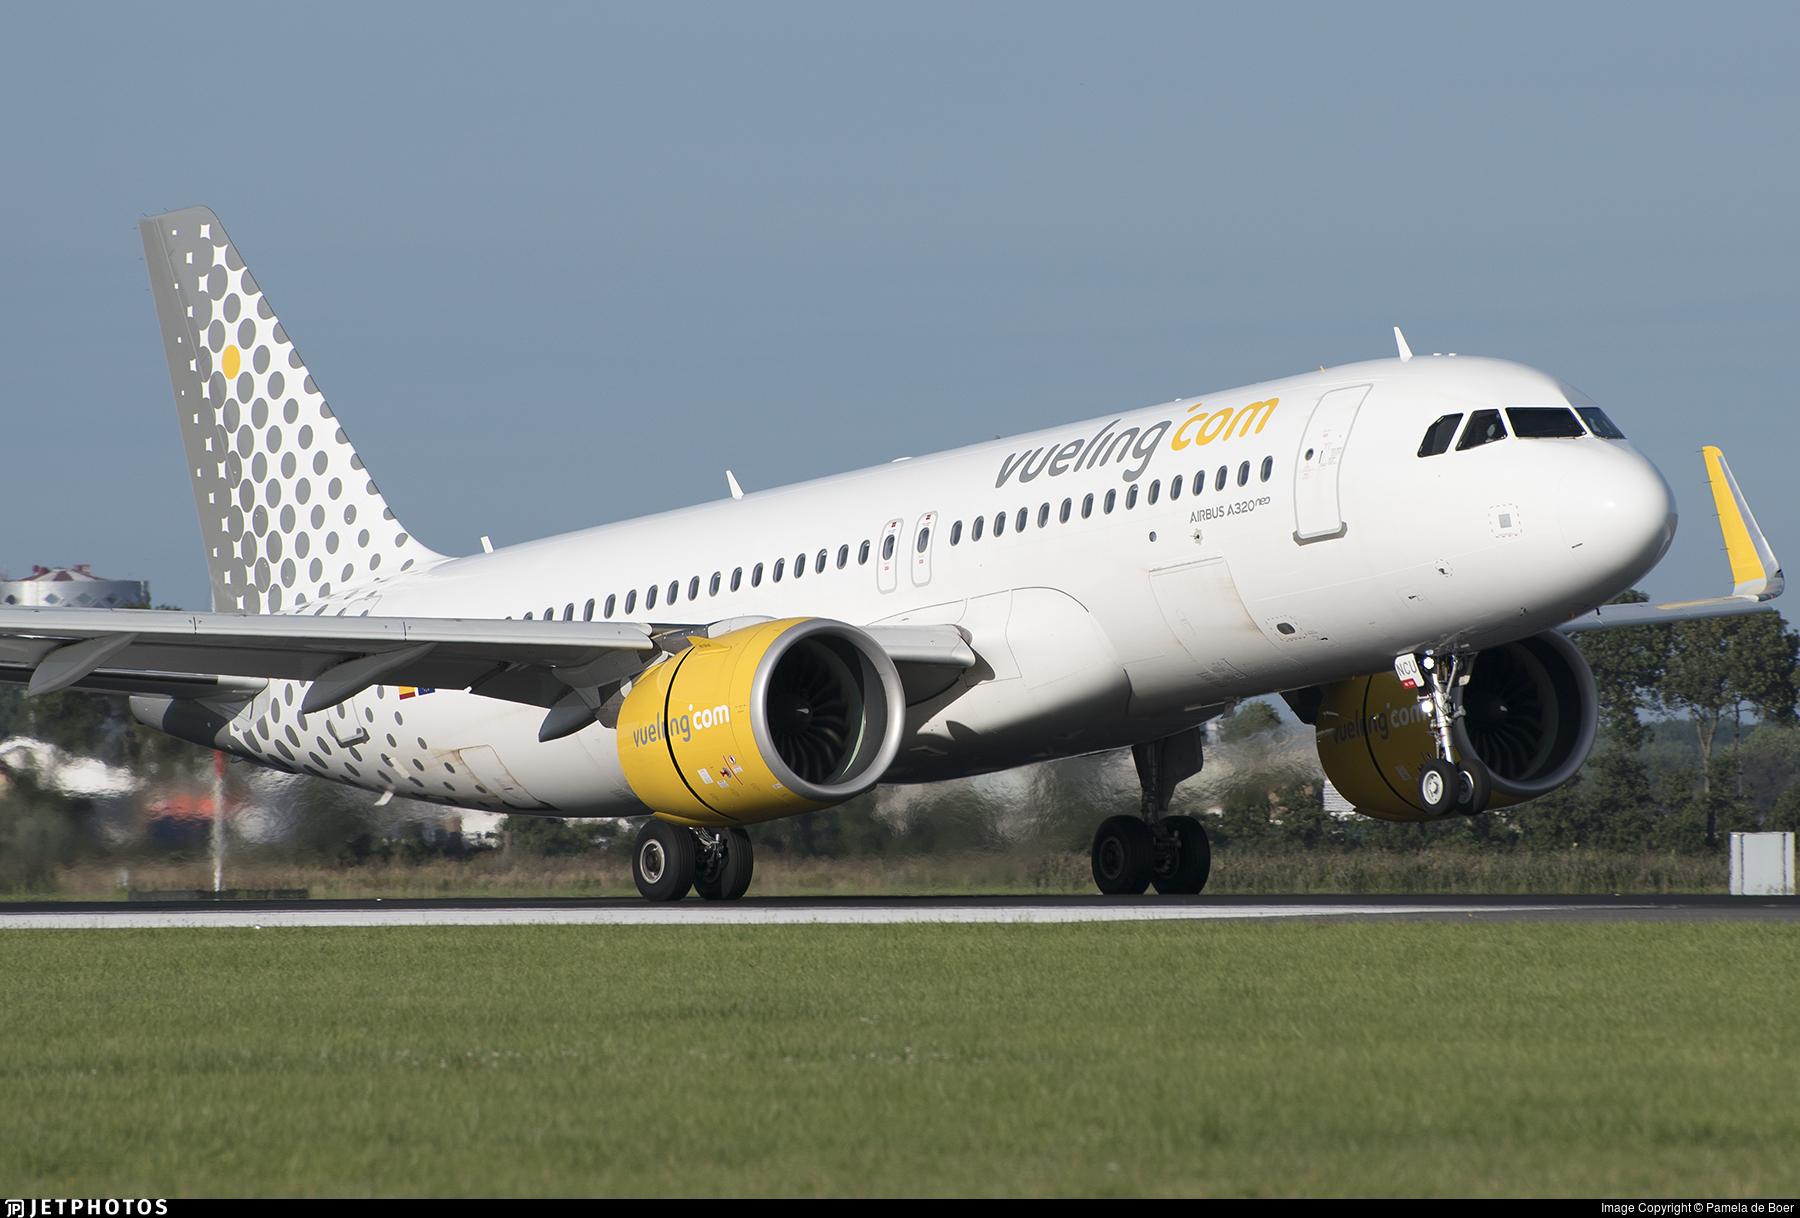 EC-NCU - Airbus A320-271N - Vueling